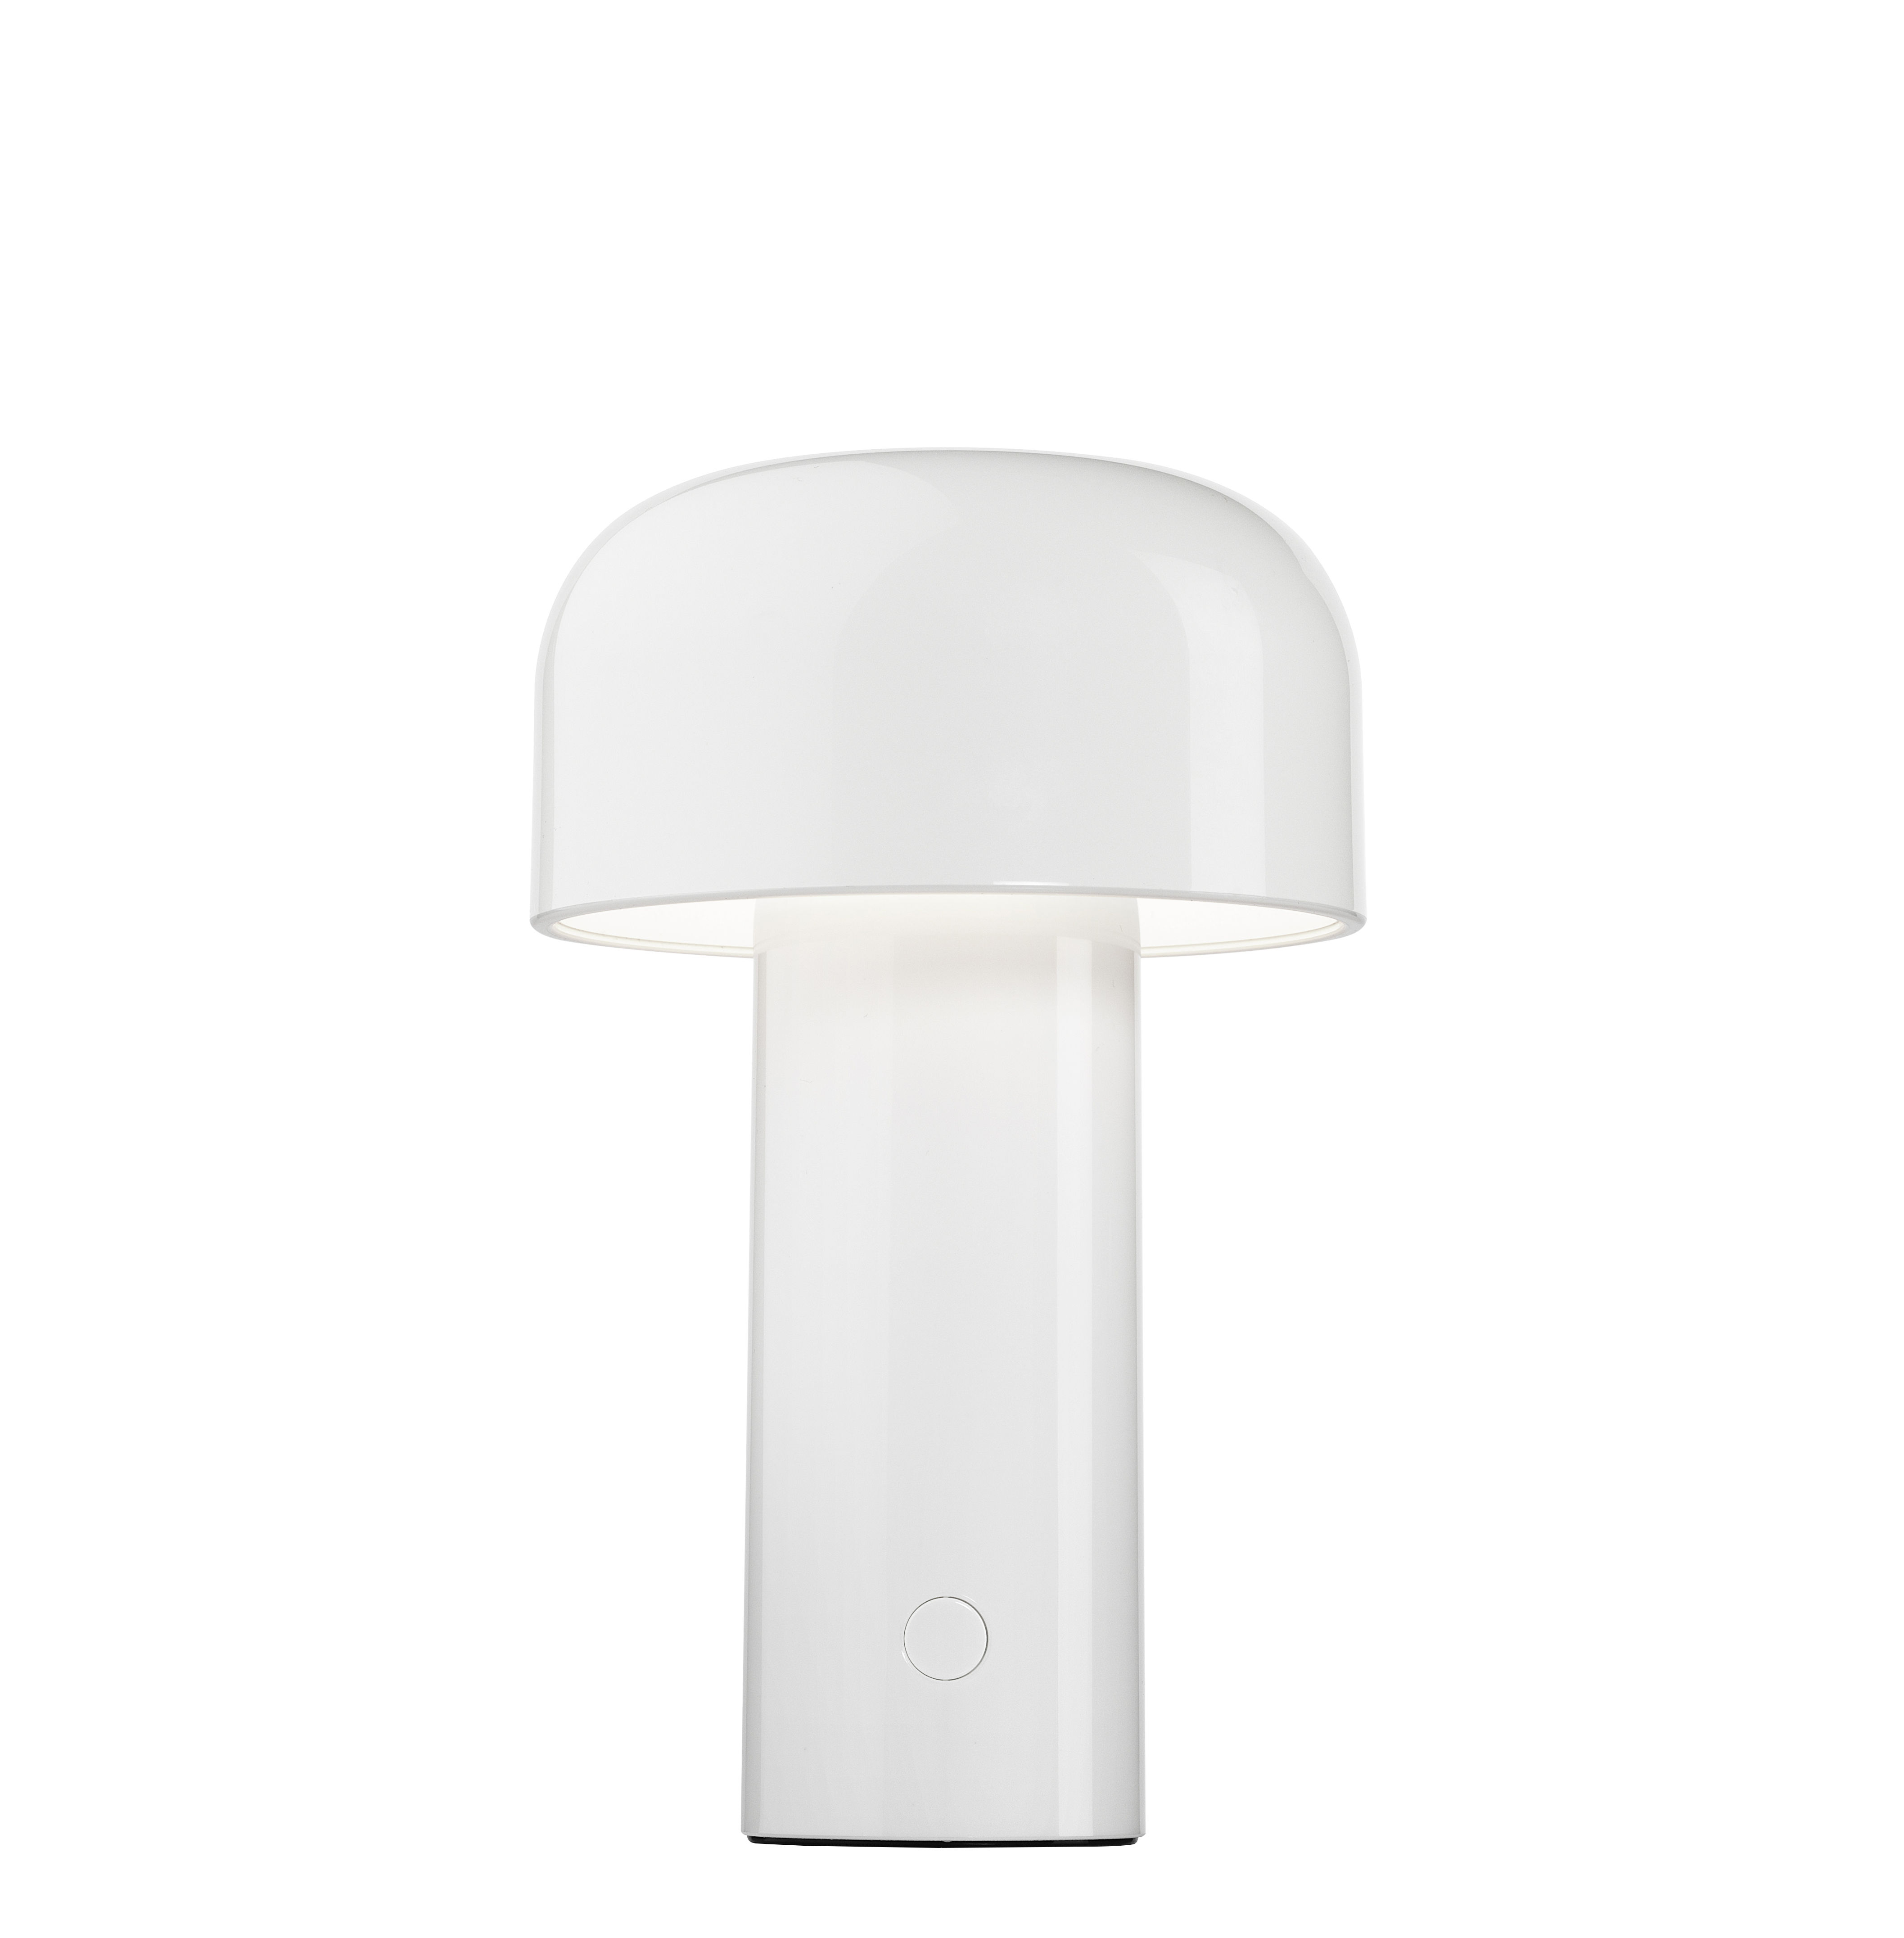 Illuminazione - Lampade da tavolo - Lampada da tavolo Bellhop - / Wireless - Ricarica USB di Flos -  - policarbonato